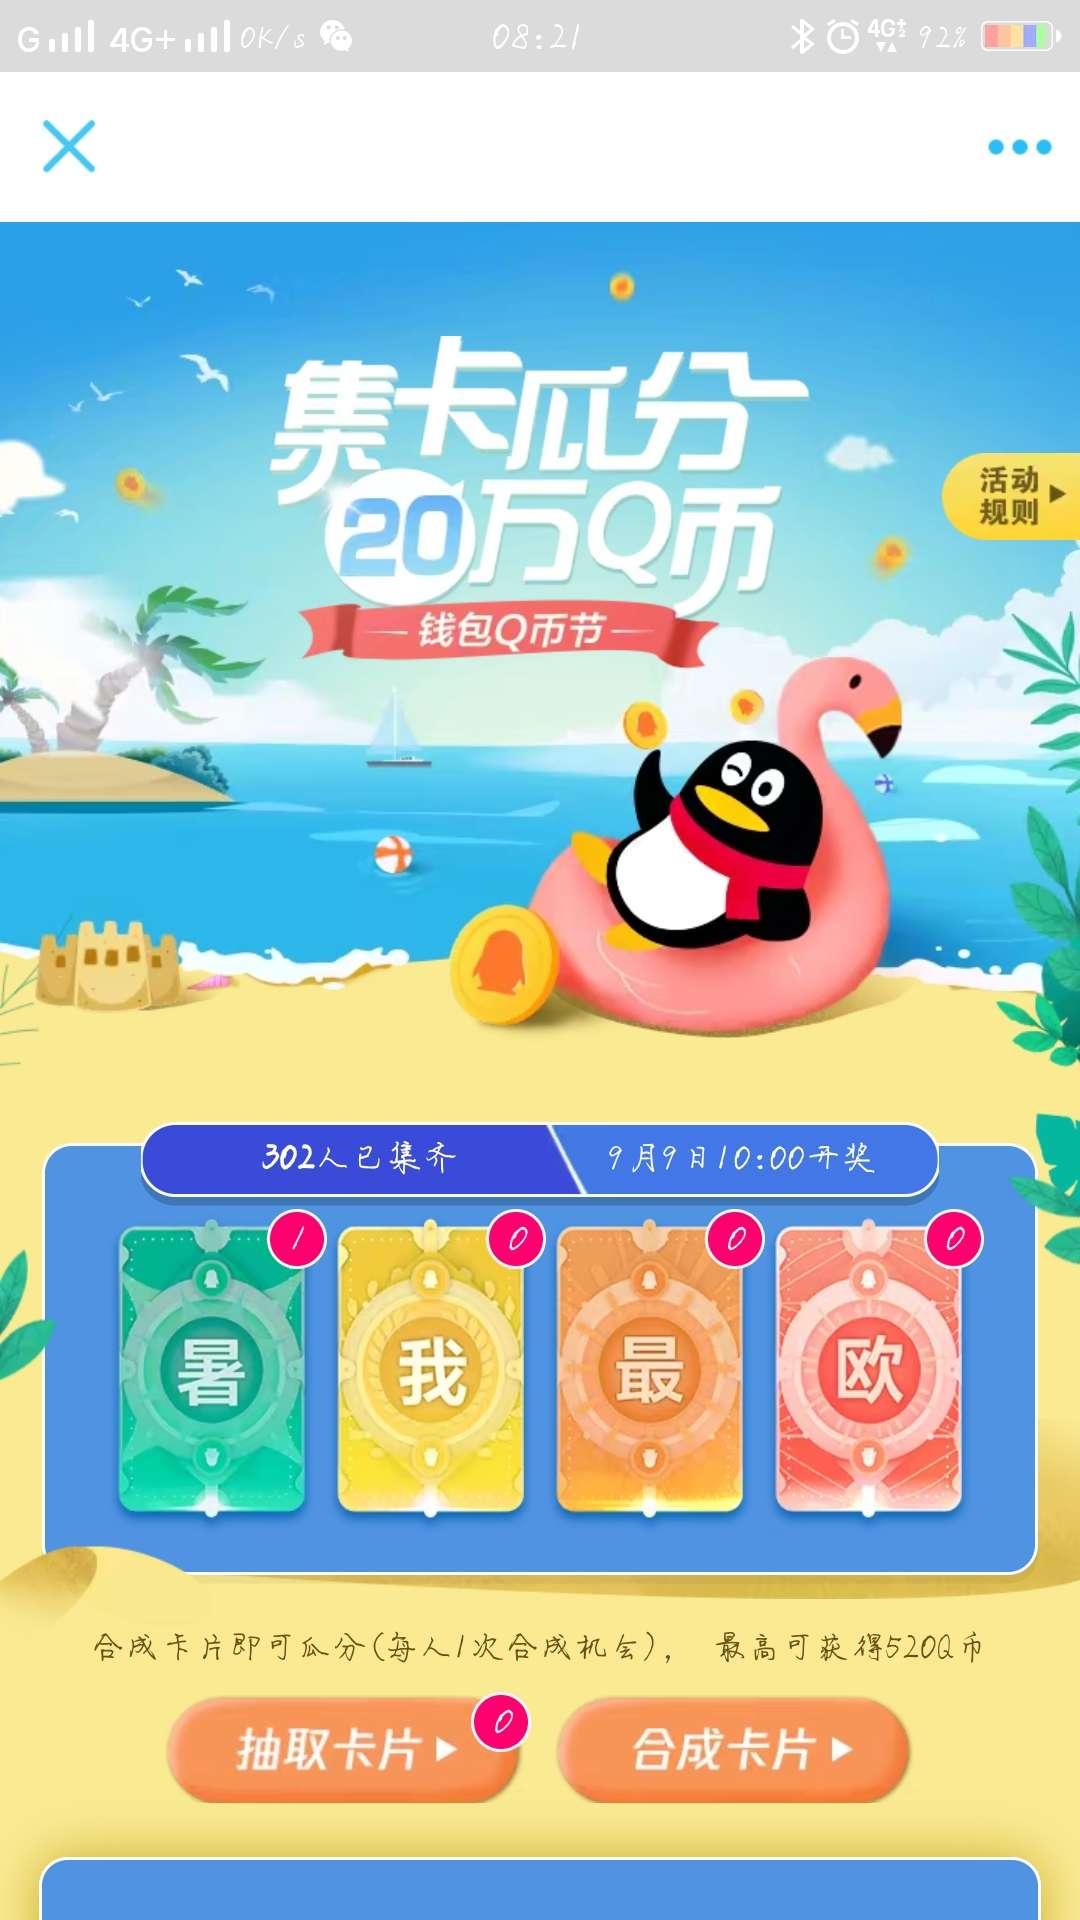 [虚拟物品]QQ钱包集卡瓜分20万Q币-www.im86.com